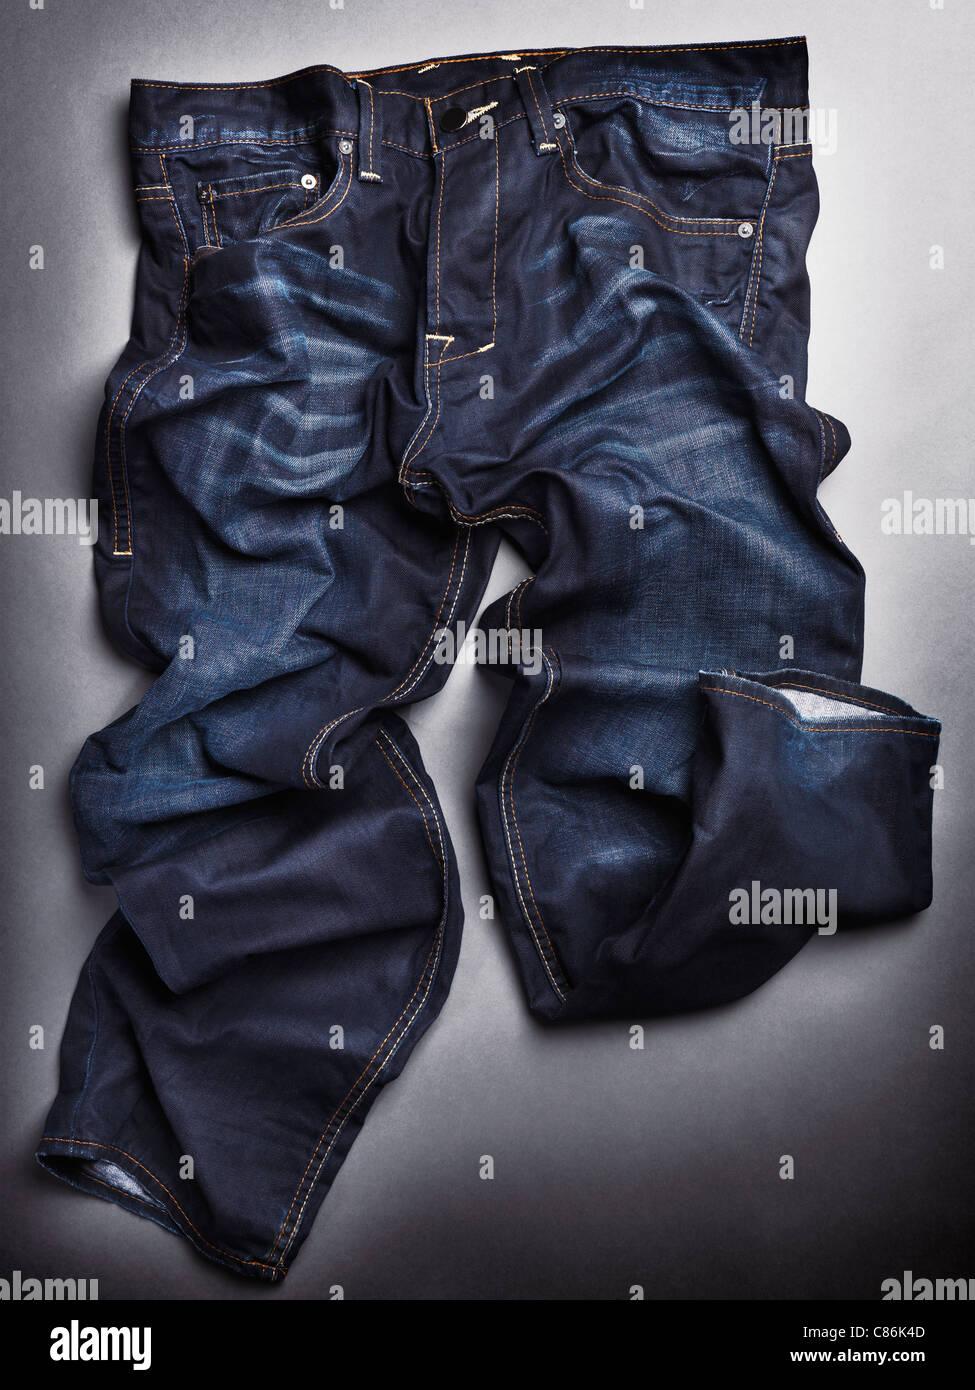 Foto de artísticamente lavados a la piedra azul arrugado mens jeans sobre fondo gris Imagen De Stock